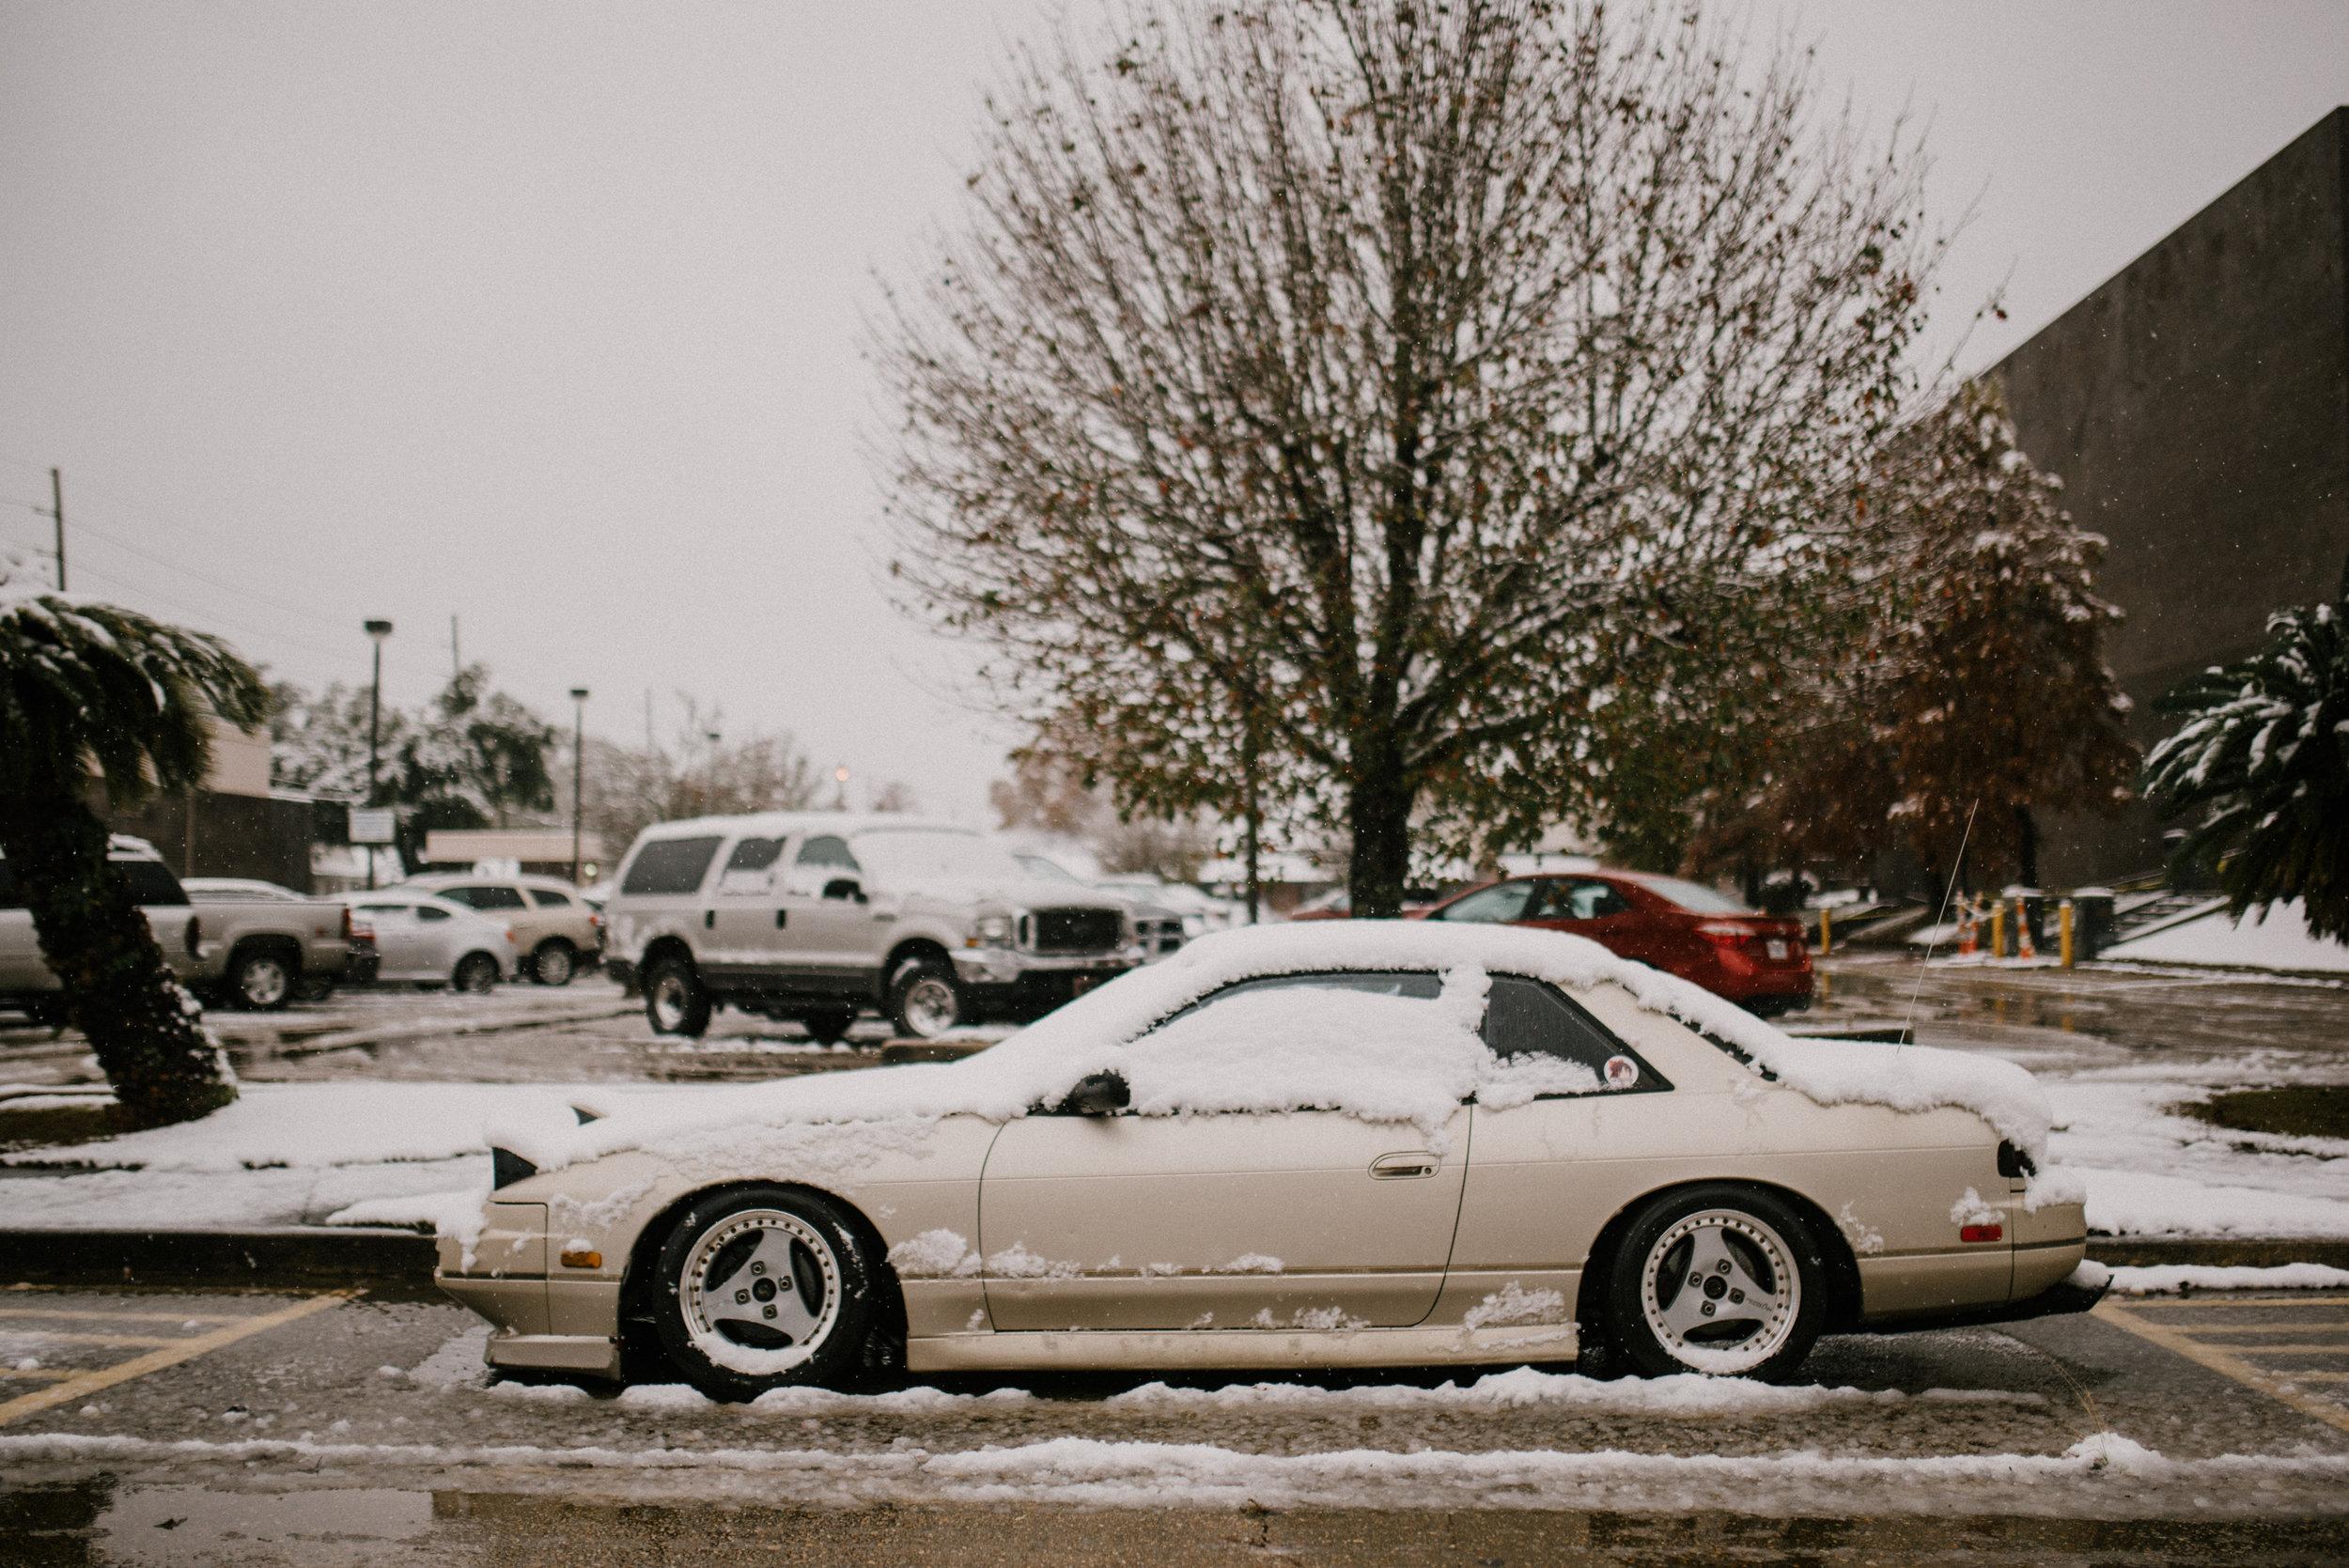 ofRen_snow1-4.JPG